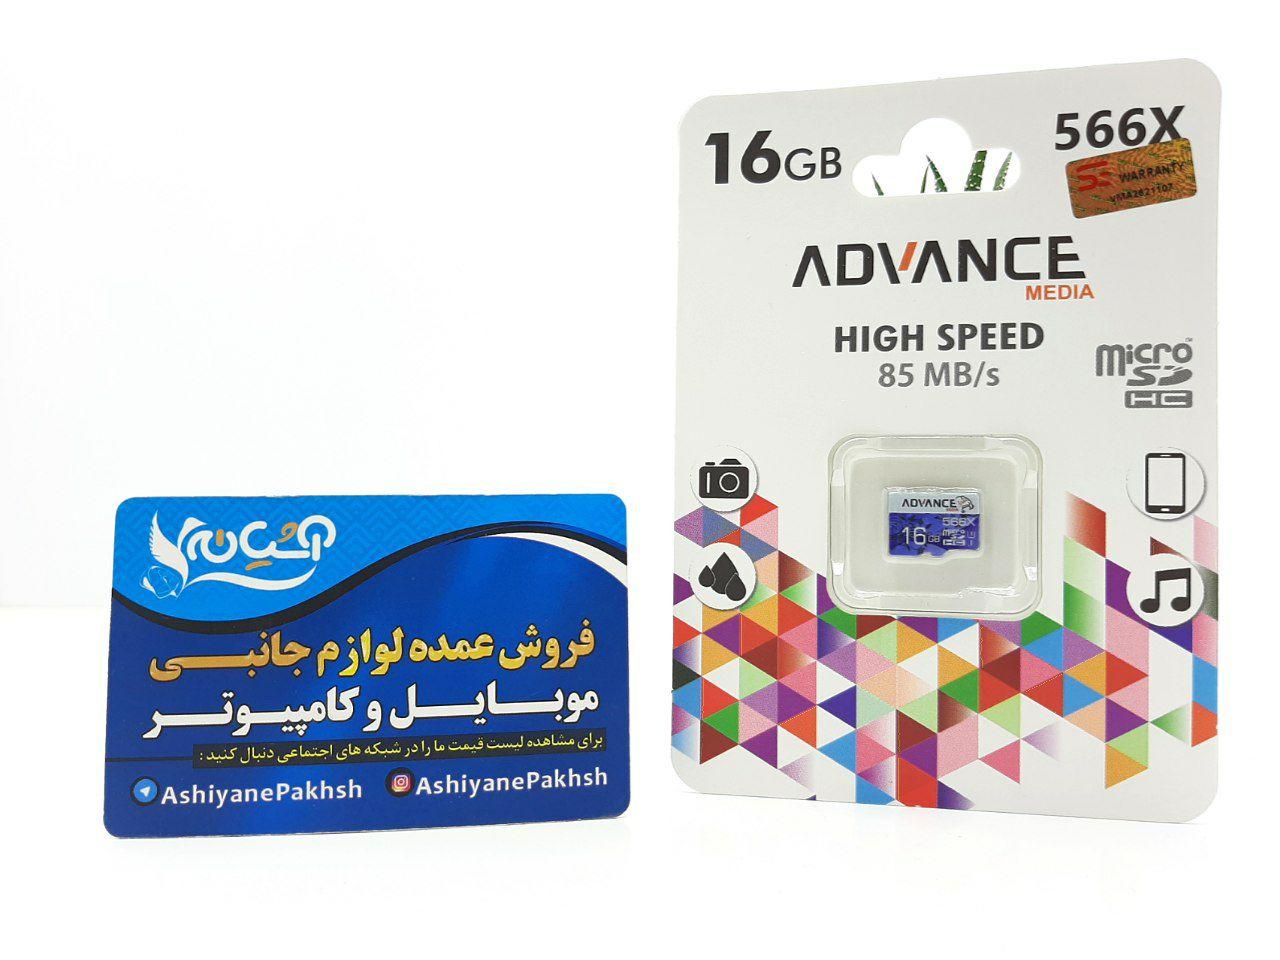 مموری Micro Advance 566x 16GB